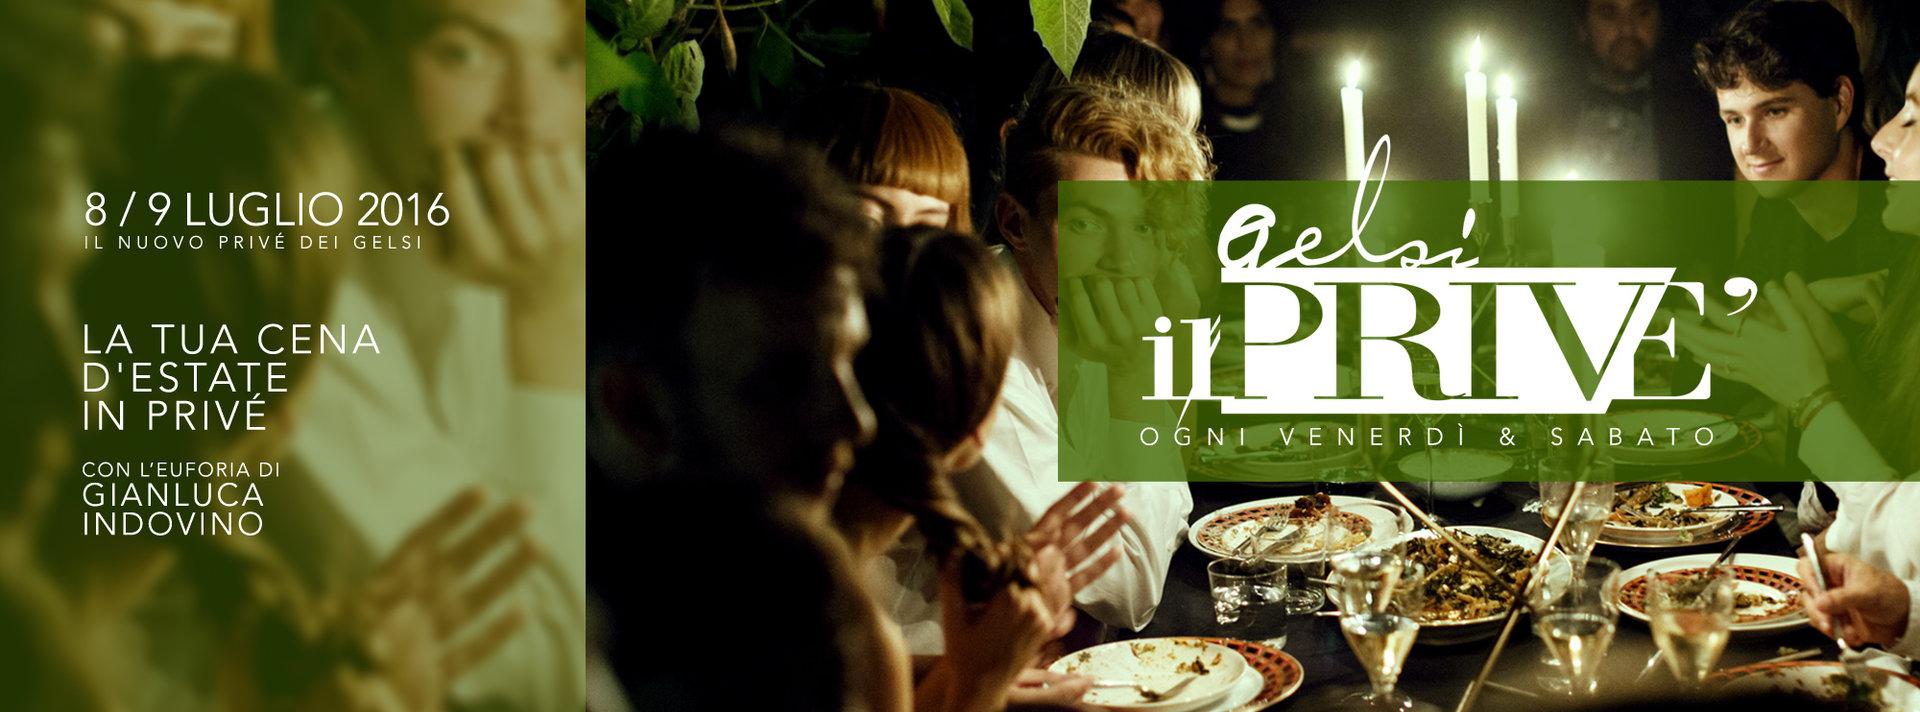 cena alla aperto al prive dei gelsi 8 e 9 luglio 2